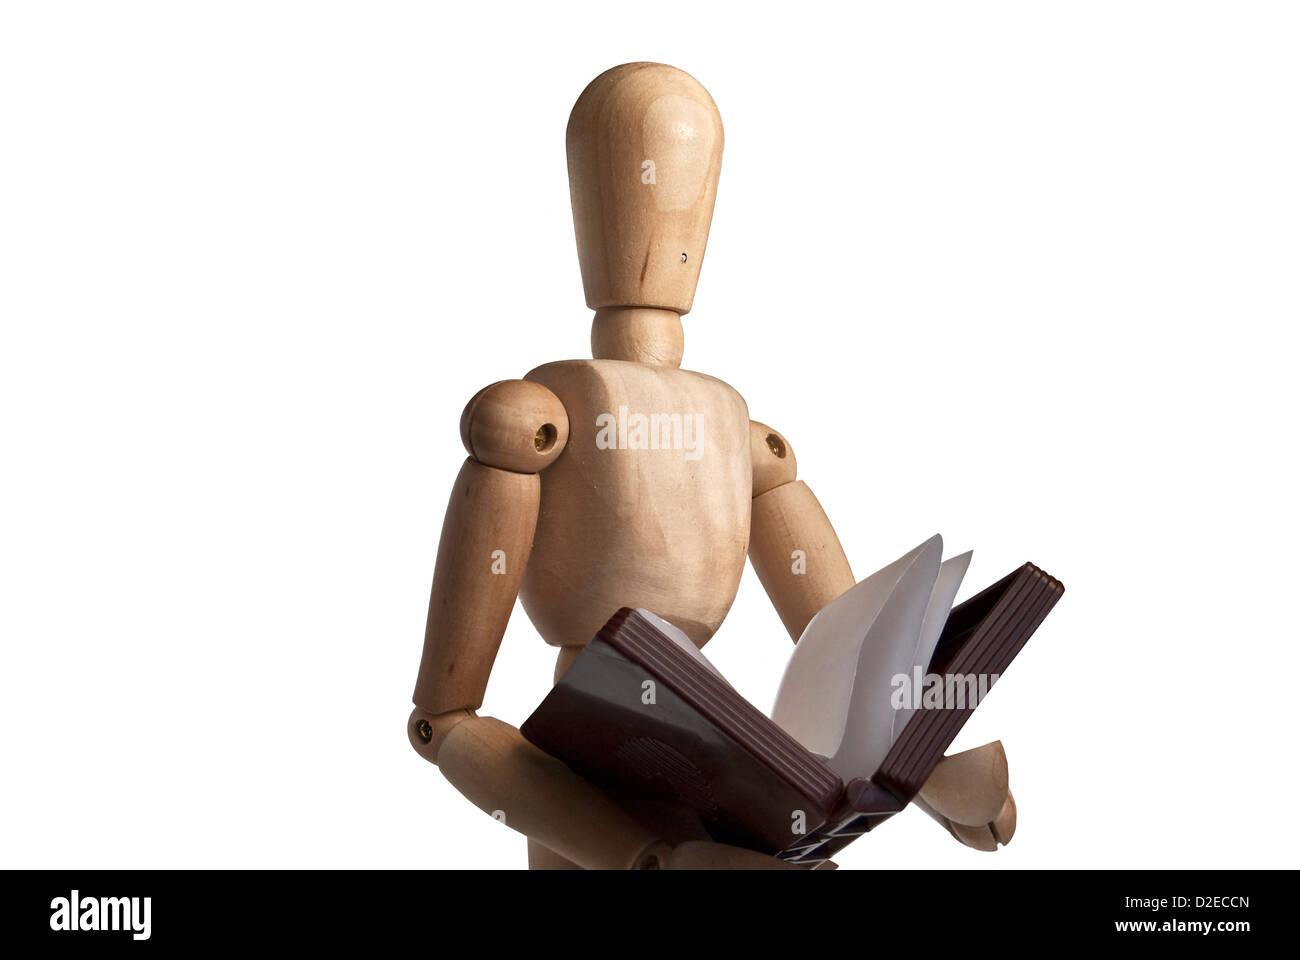 Lay figure wooden mannequin Wood action figure model,Maniquí articulado de madera, utilizado en arte como modelo Stock Photo